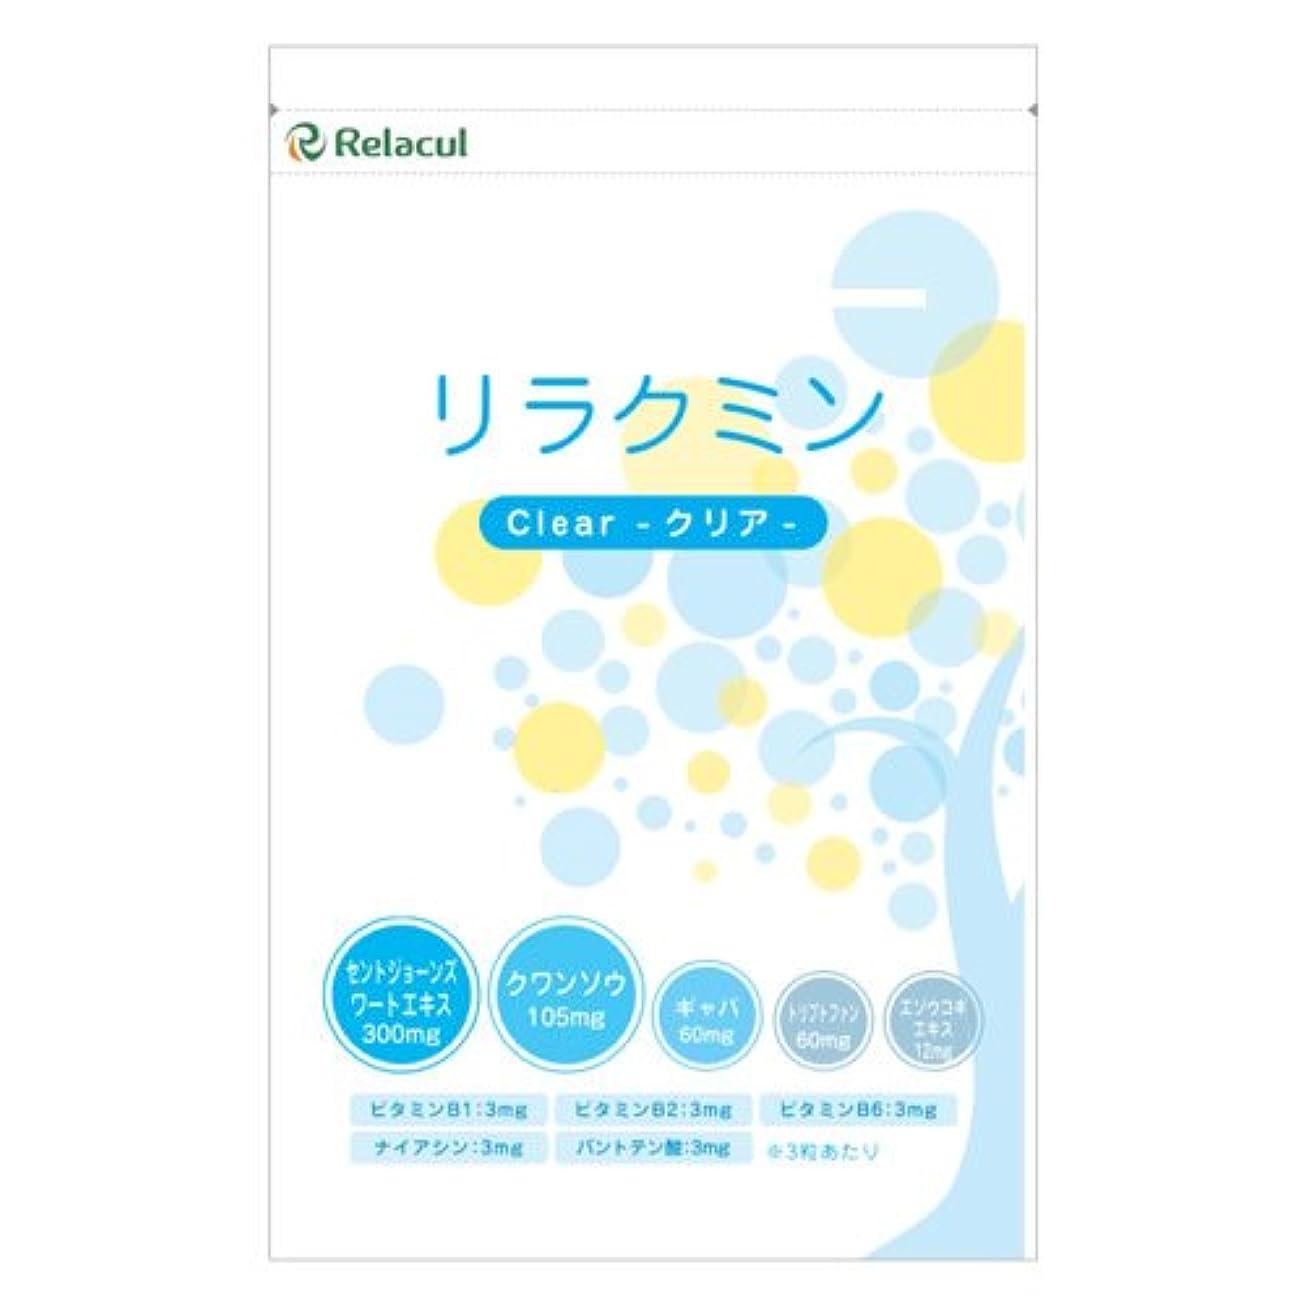 わずかなカバーずっとセロトニン サプリ (日本製) ギャバ セントジョーンズワート トリプトファン エゾウコギ [リラクミンクリア 1袋] 90粒入 (約1か月分) リラクミン サプリメント